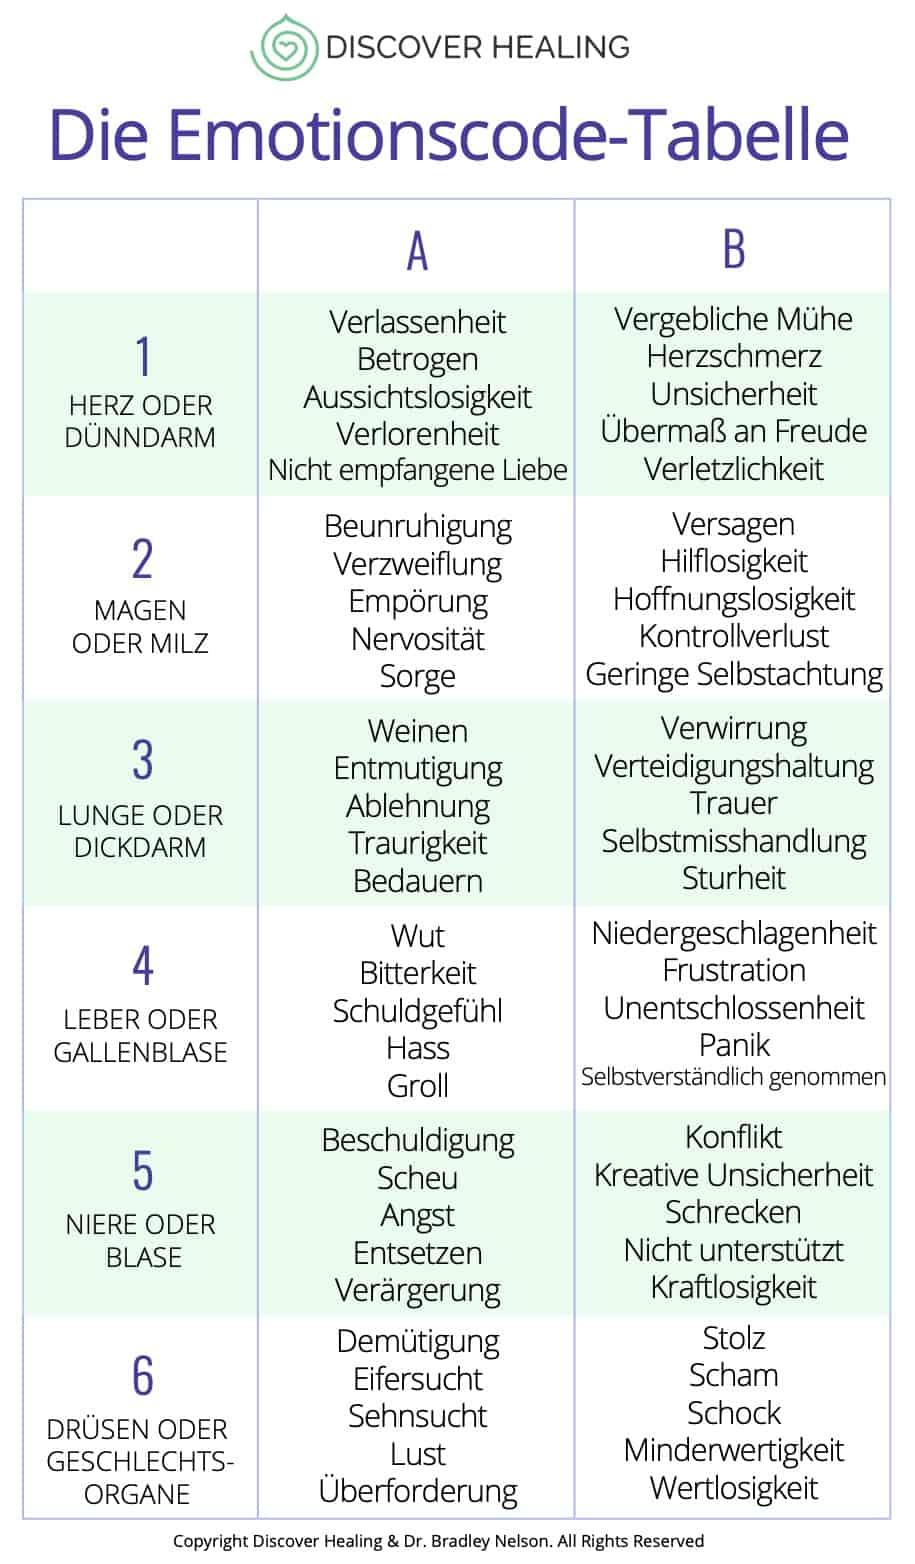 Die Emotionscode Tabelle: Eine Anleitung